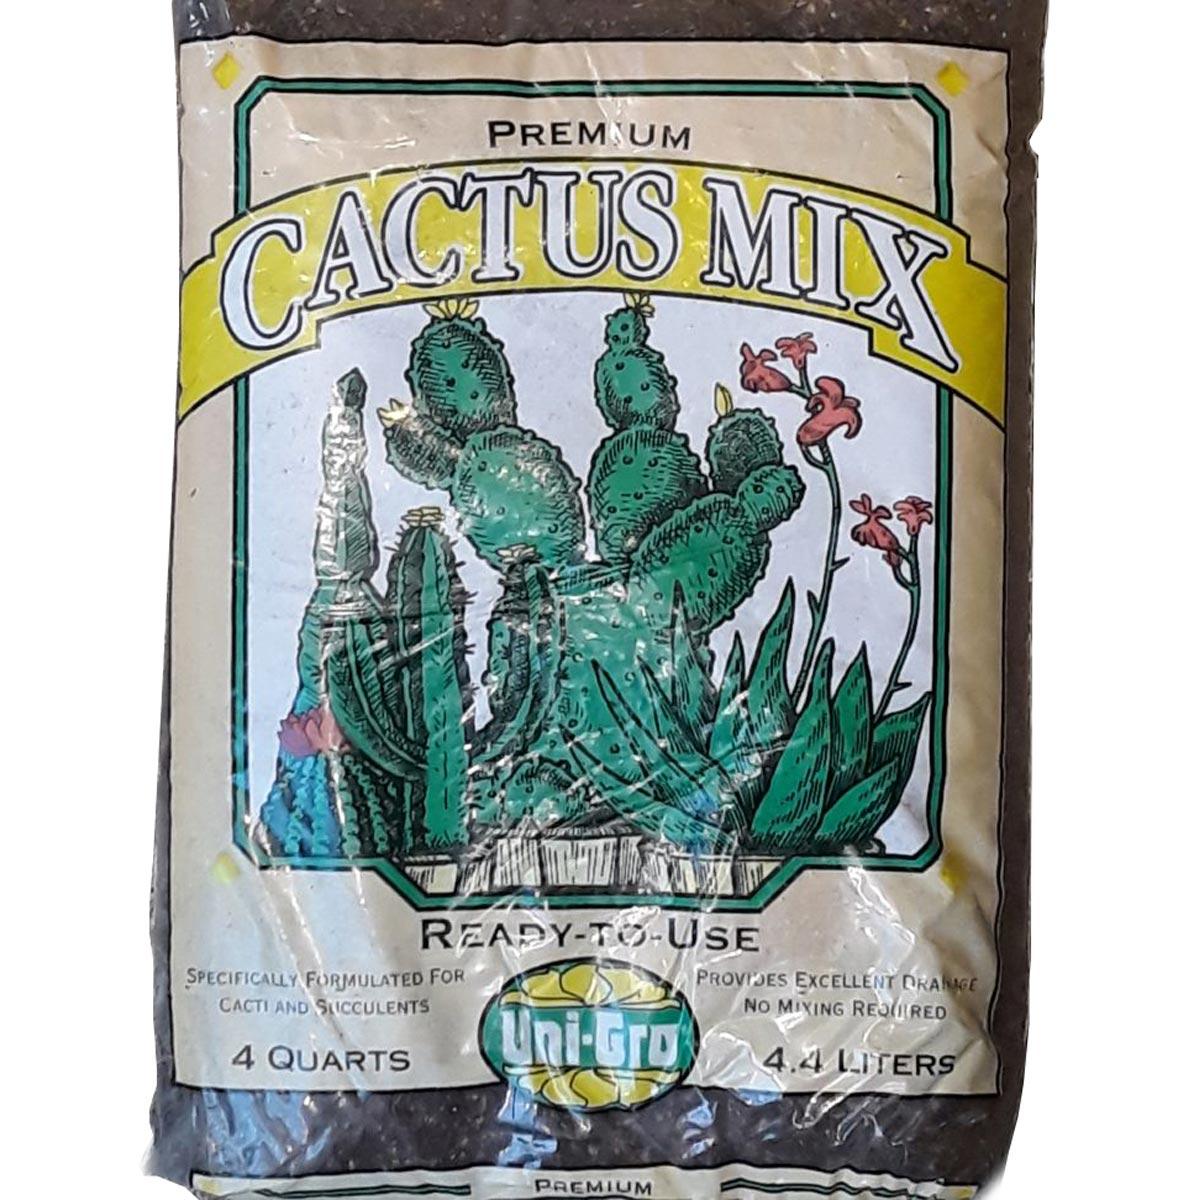 Uni-Gro Premium Cactus Mix, 4 Quarts